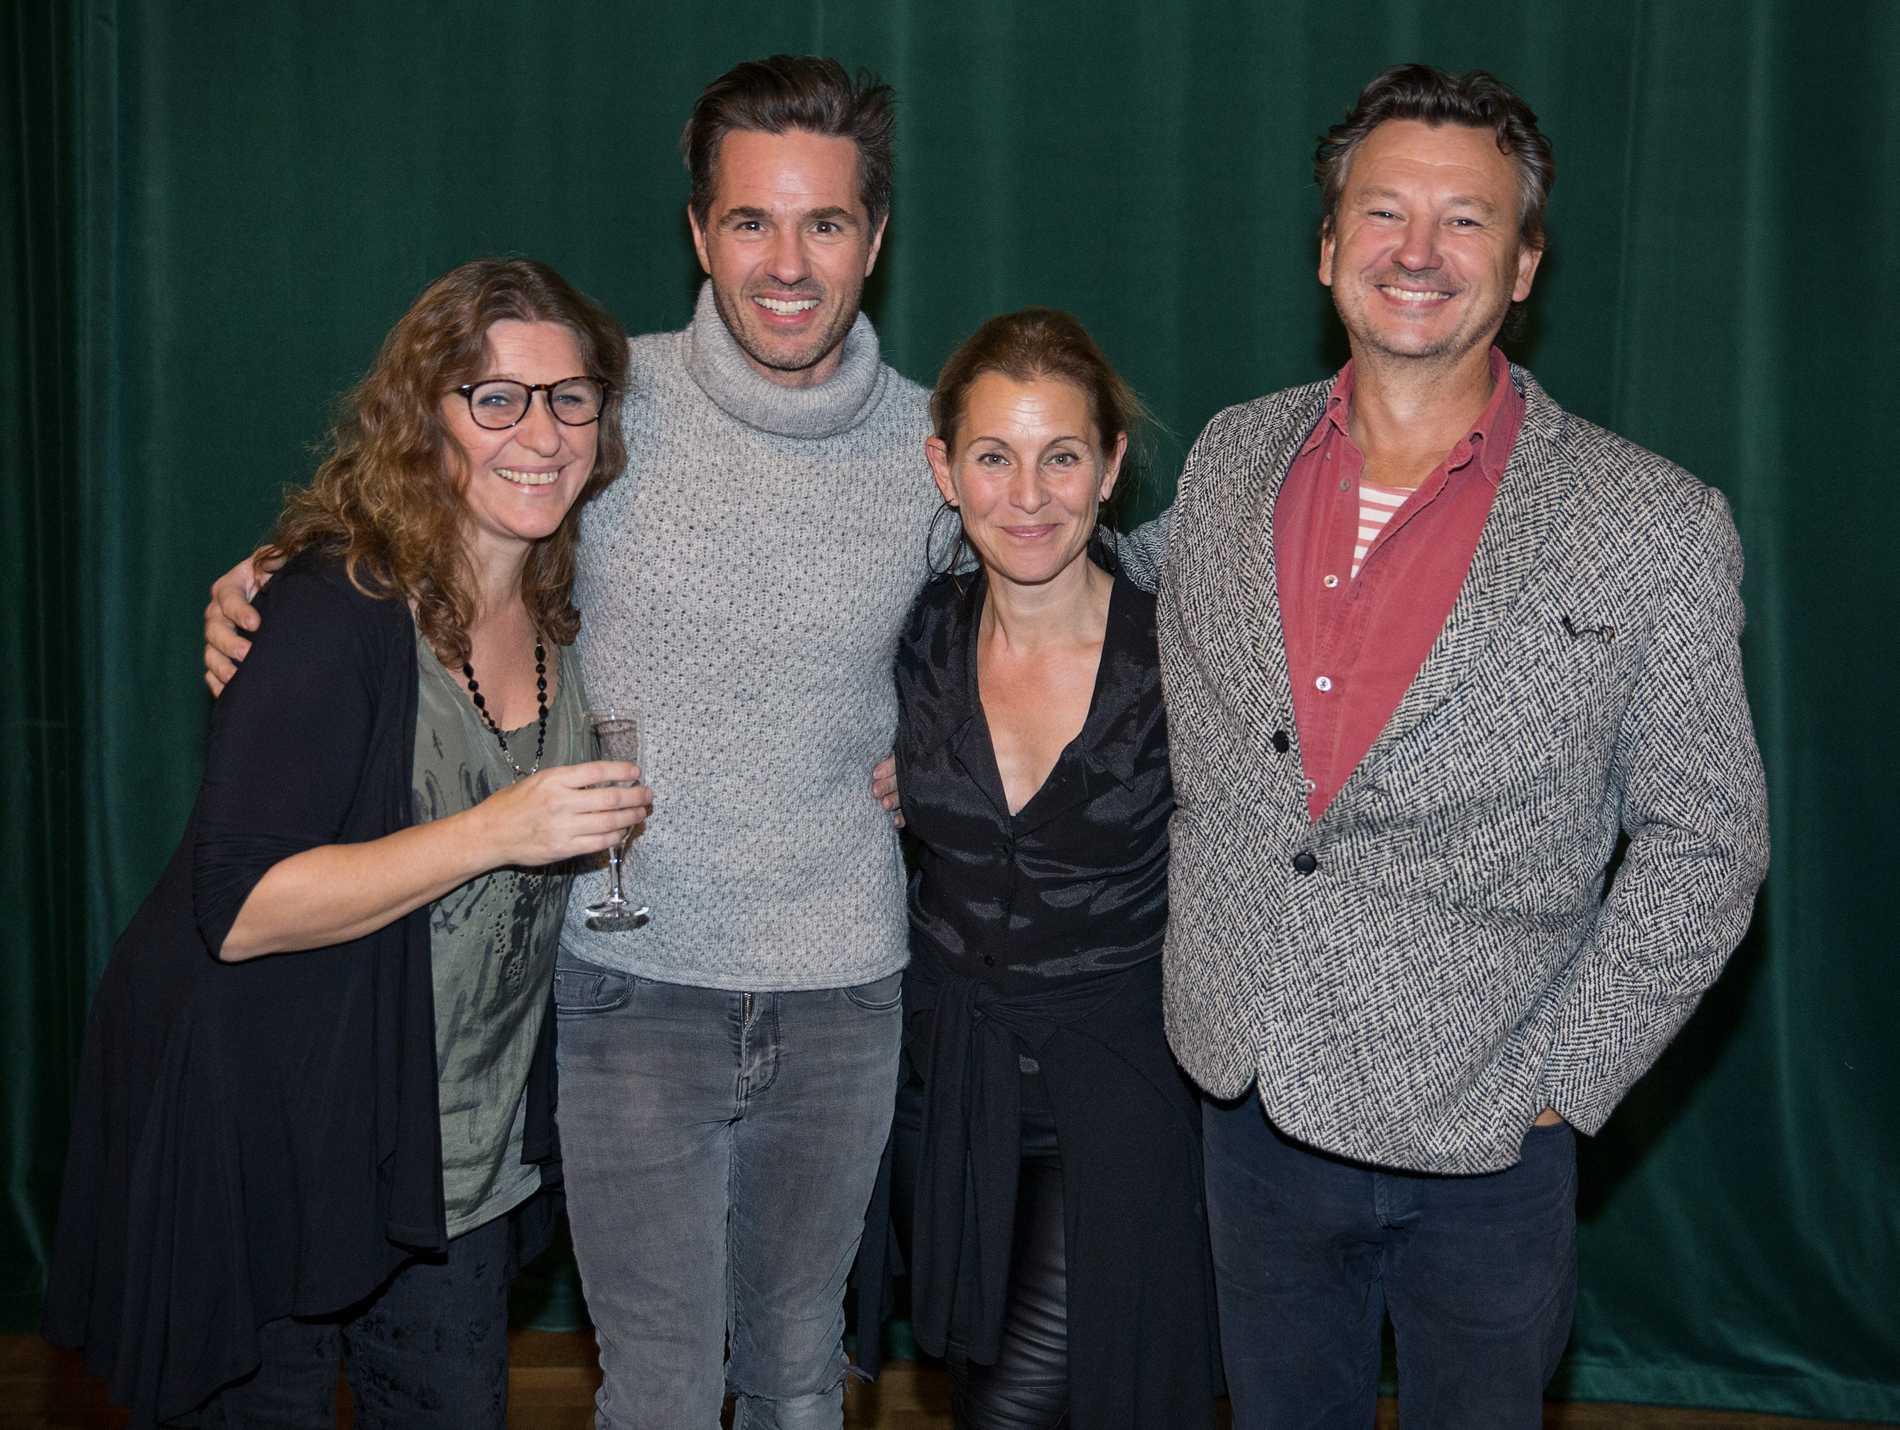 Åsa Bergh, Peter Jöback, Helen Sjöholm och Anders Ekborg under musikalens 20-årsjubileum på Cirkus 2015.